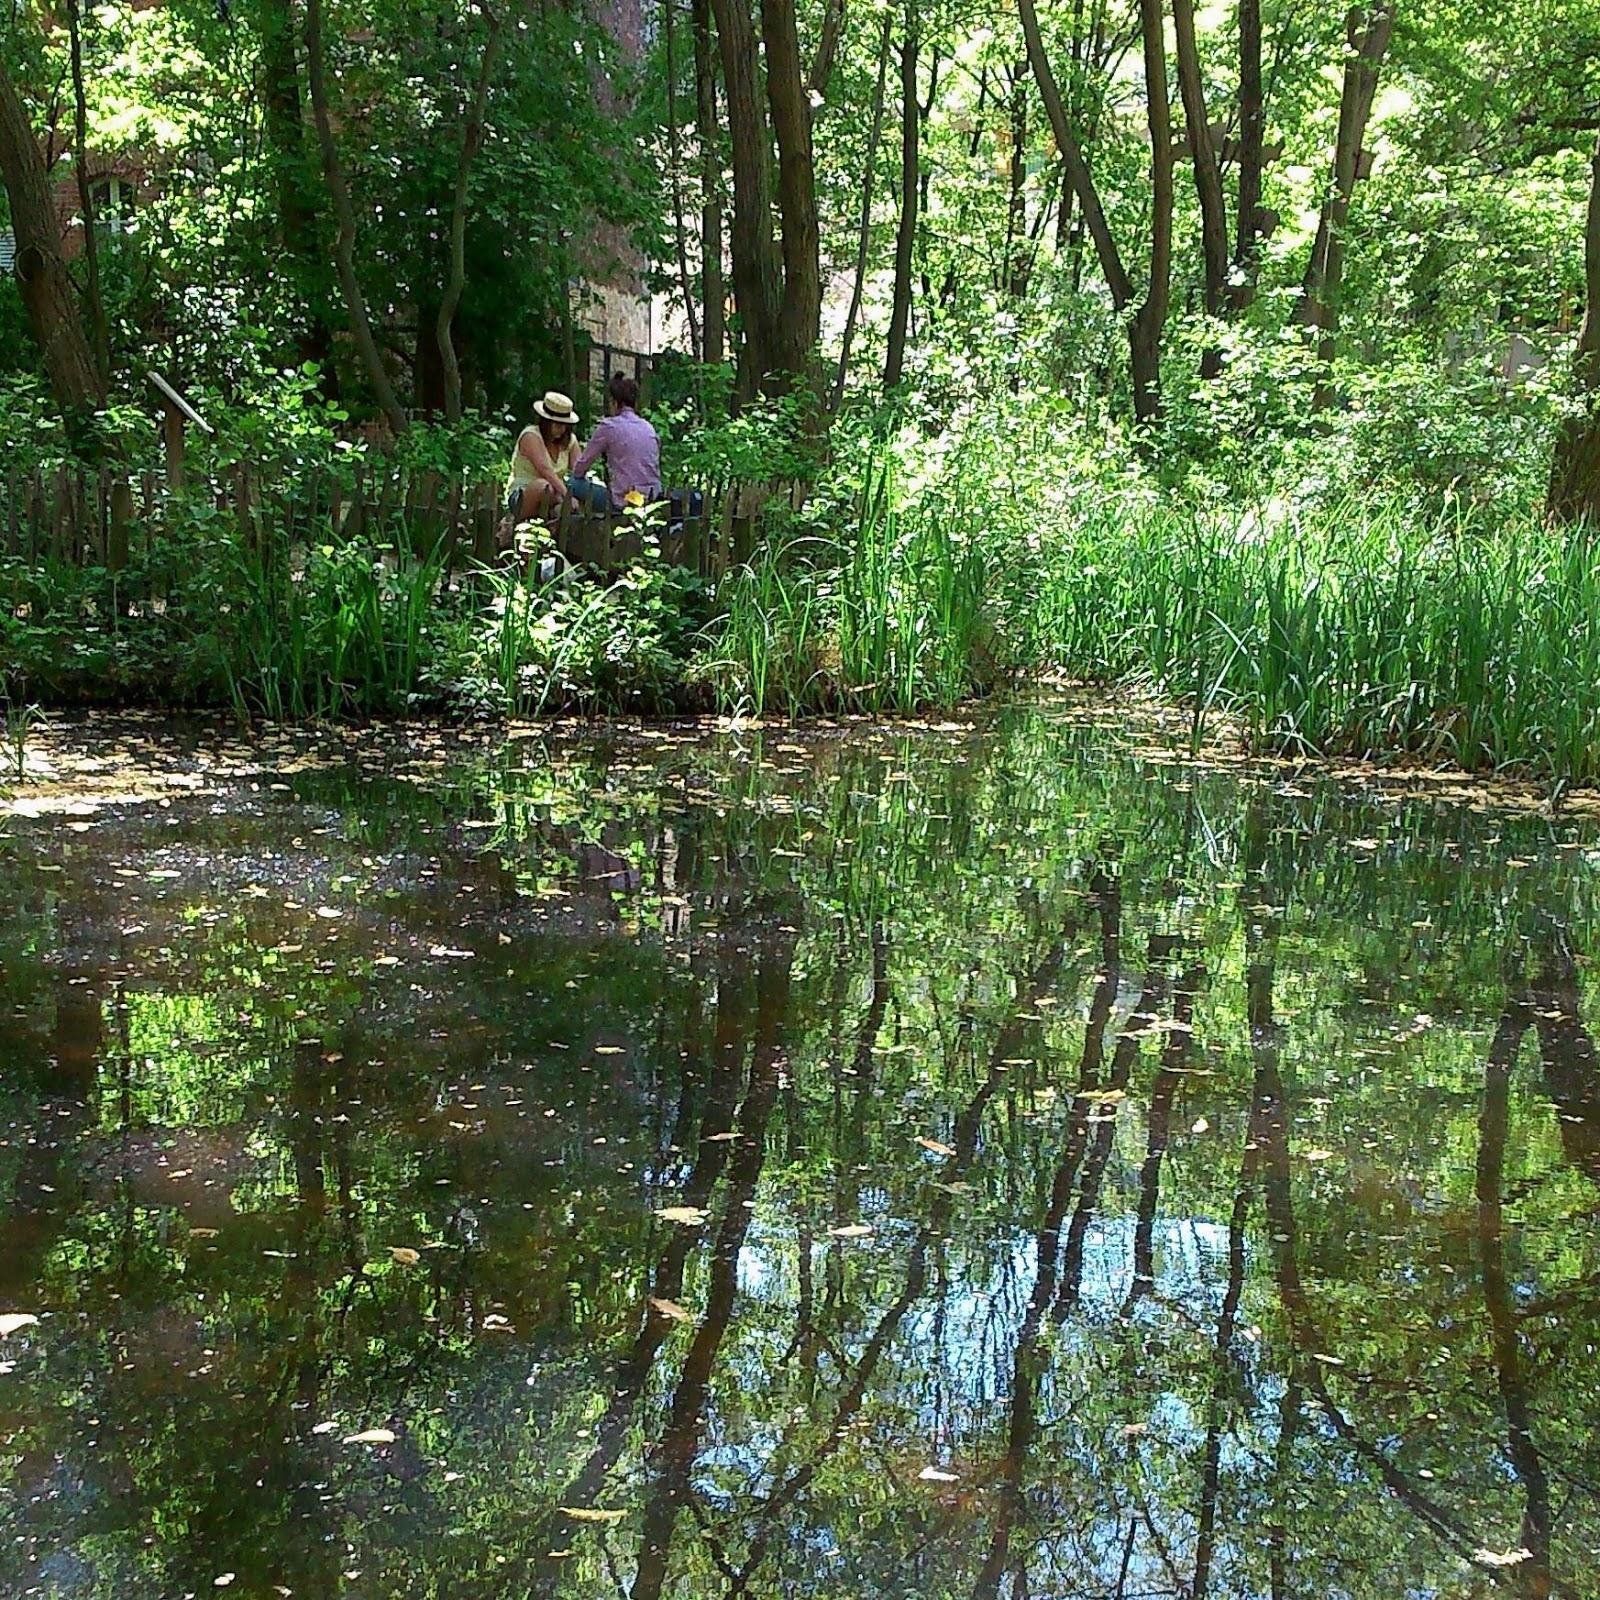 Le Jardin Naturel promenons nous dans les bois